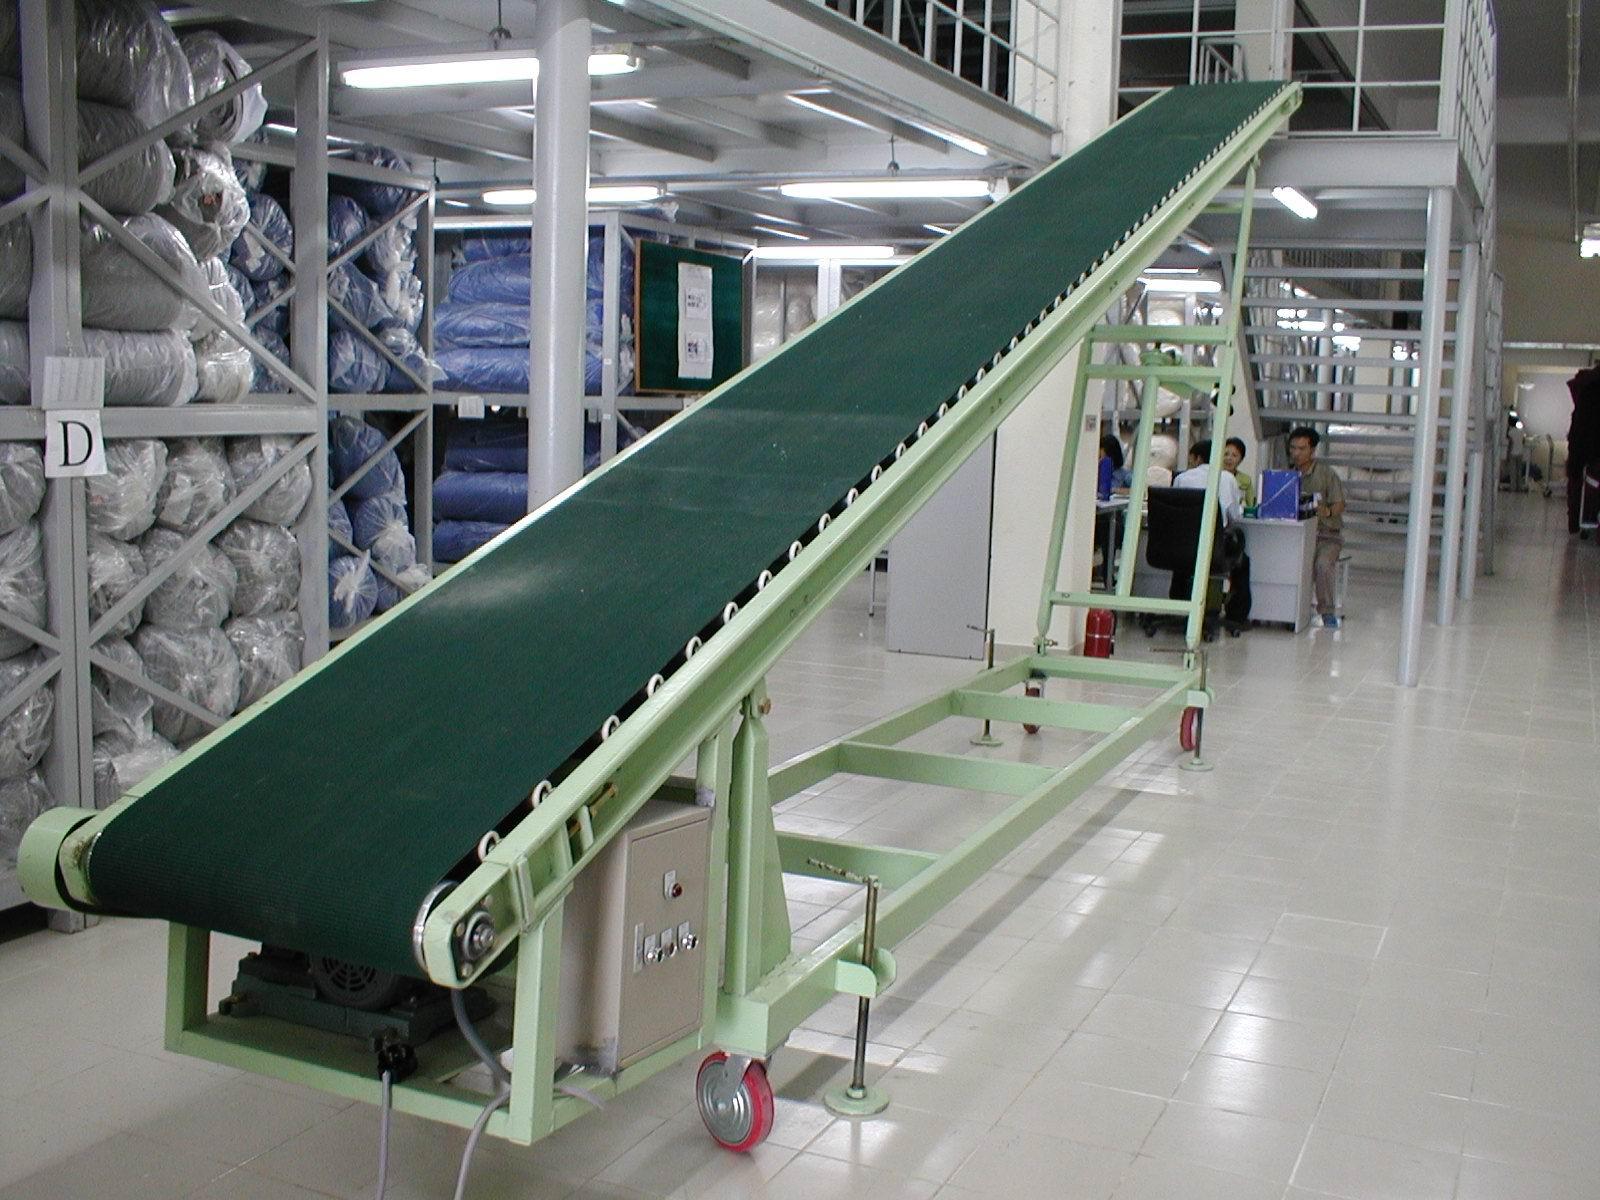 Dịch vụ viết bài chuẩn seo ngành kỹ thuật hệ thống băng tải